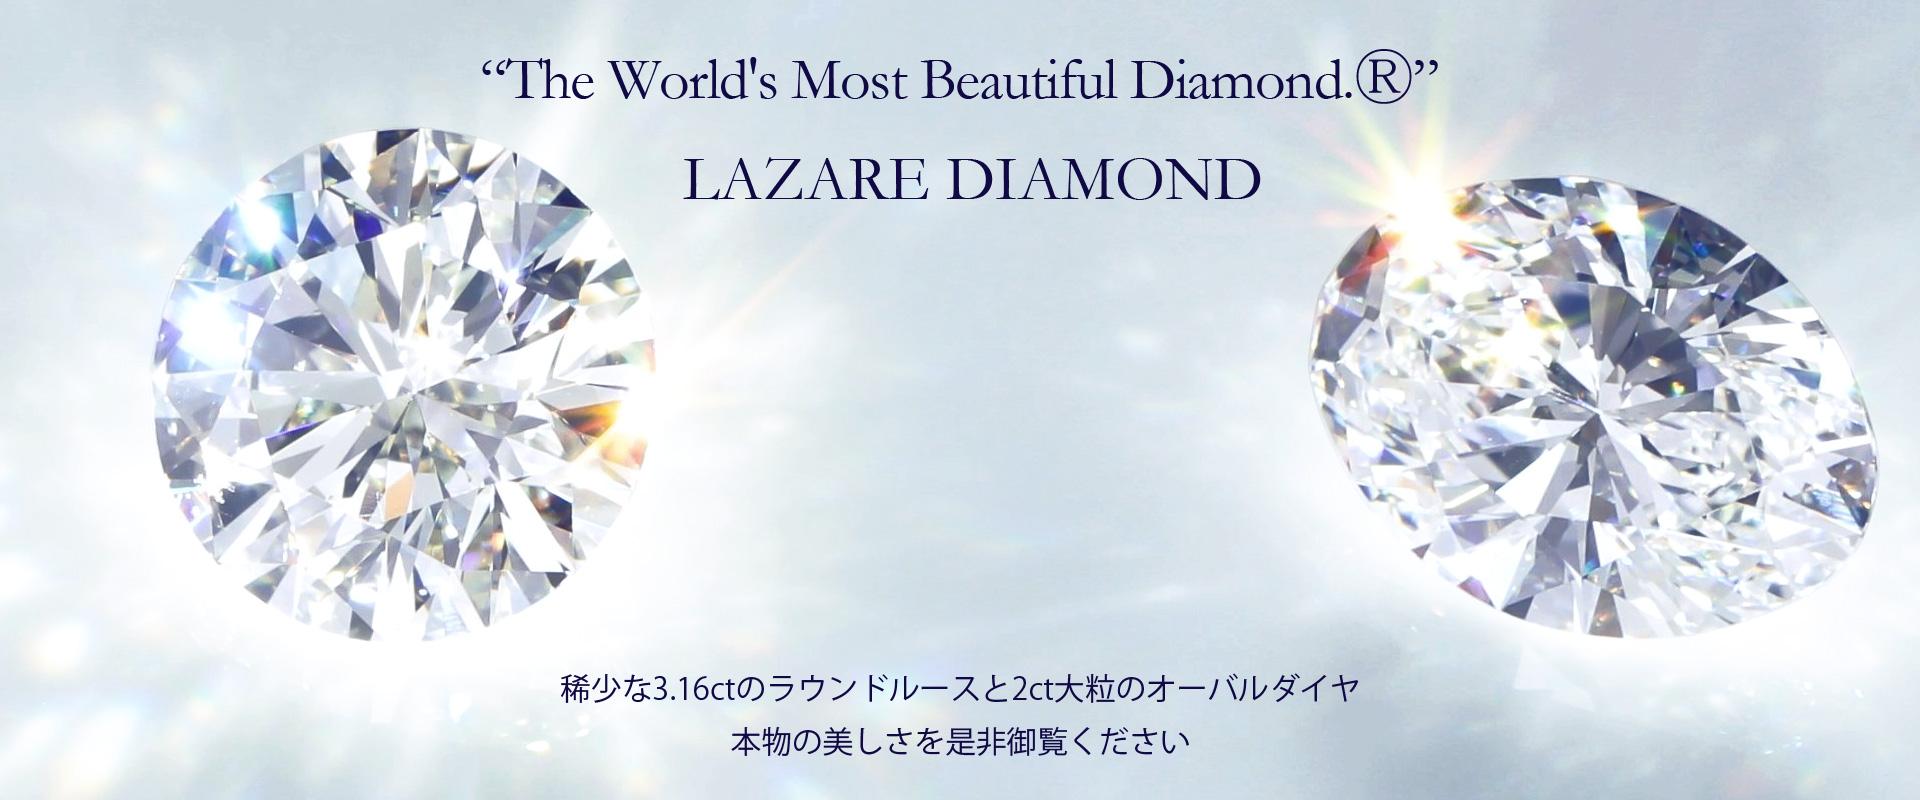 ラザールダイヤモンドの動画。3.16ctラウンドルースと2ctオーバルの本物の美しさを是非ご覧ください